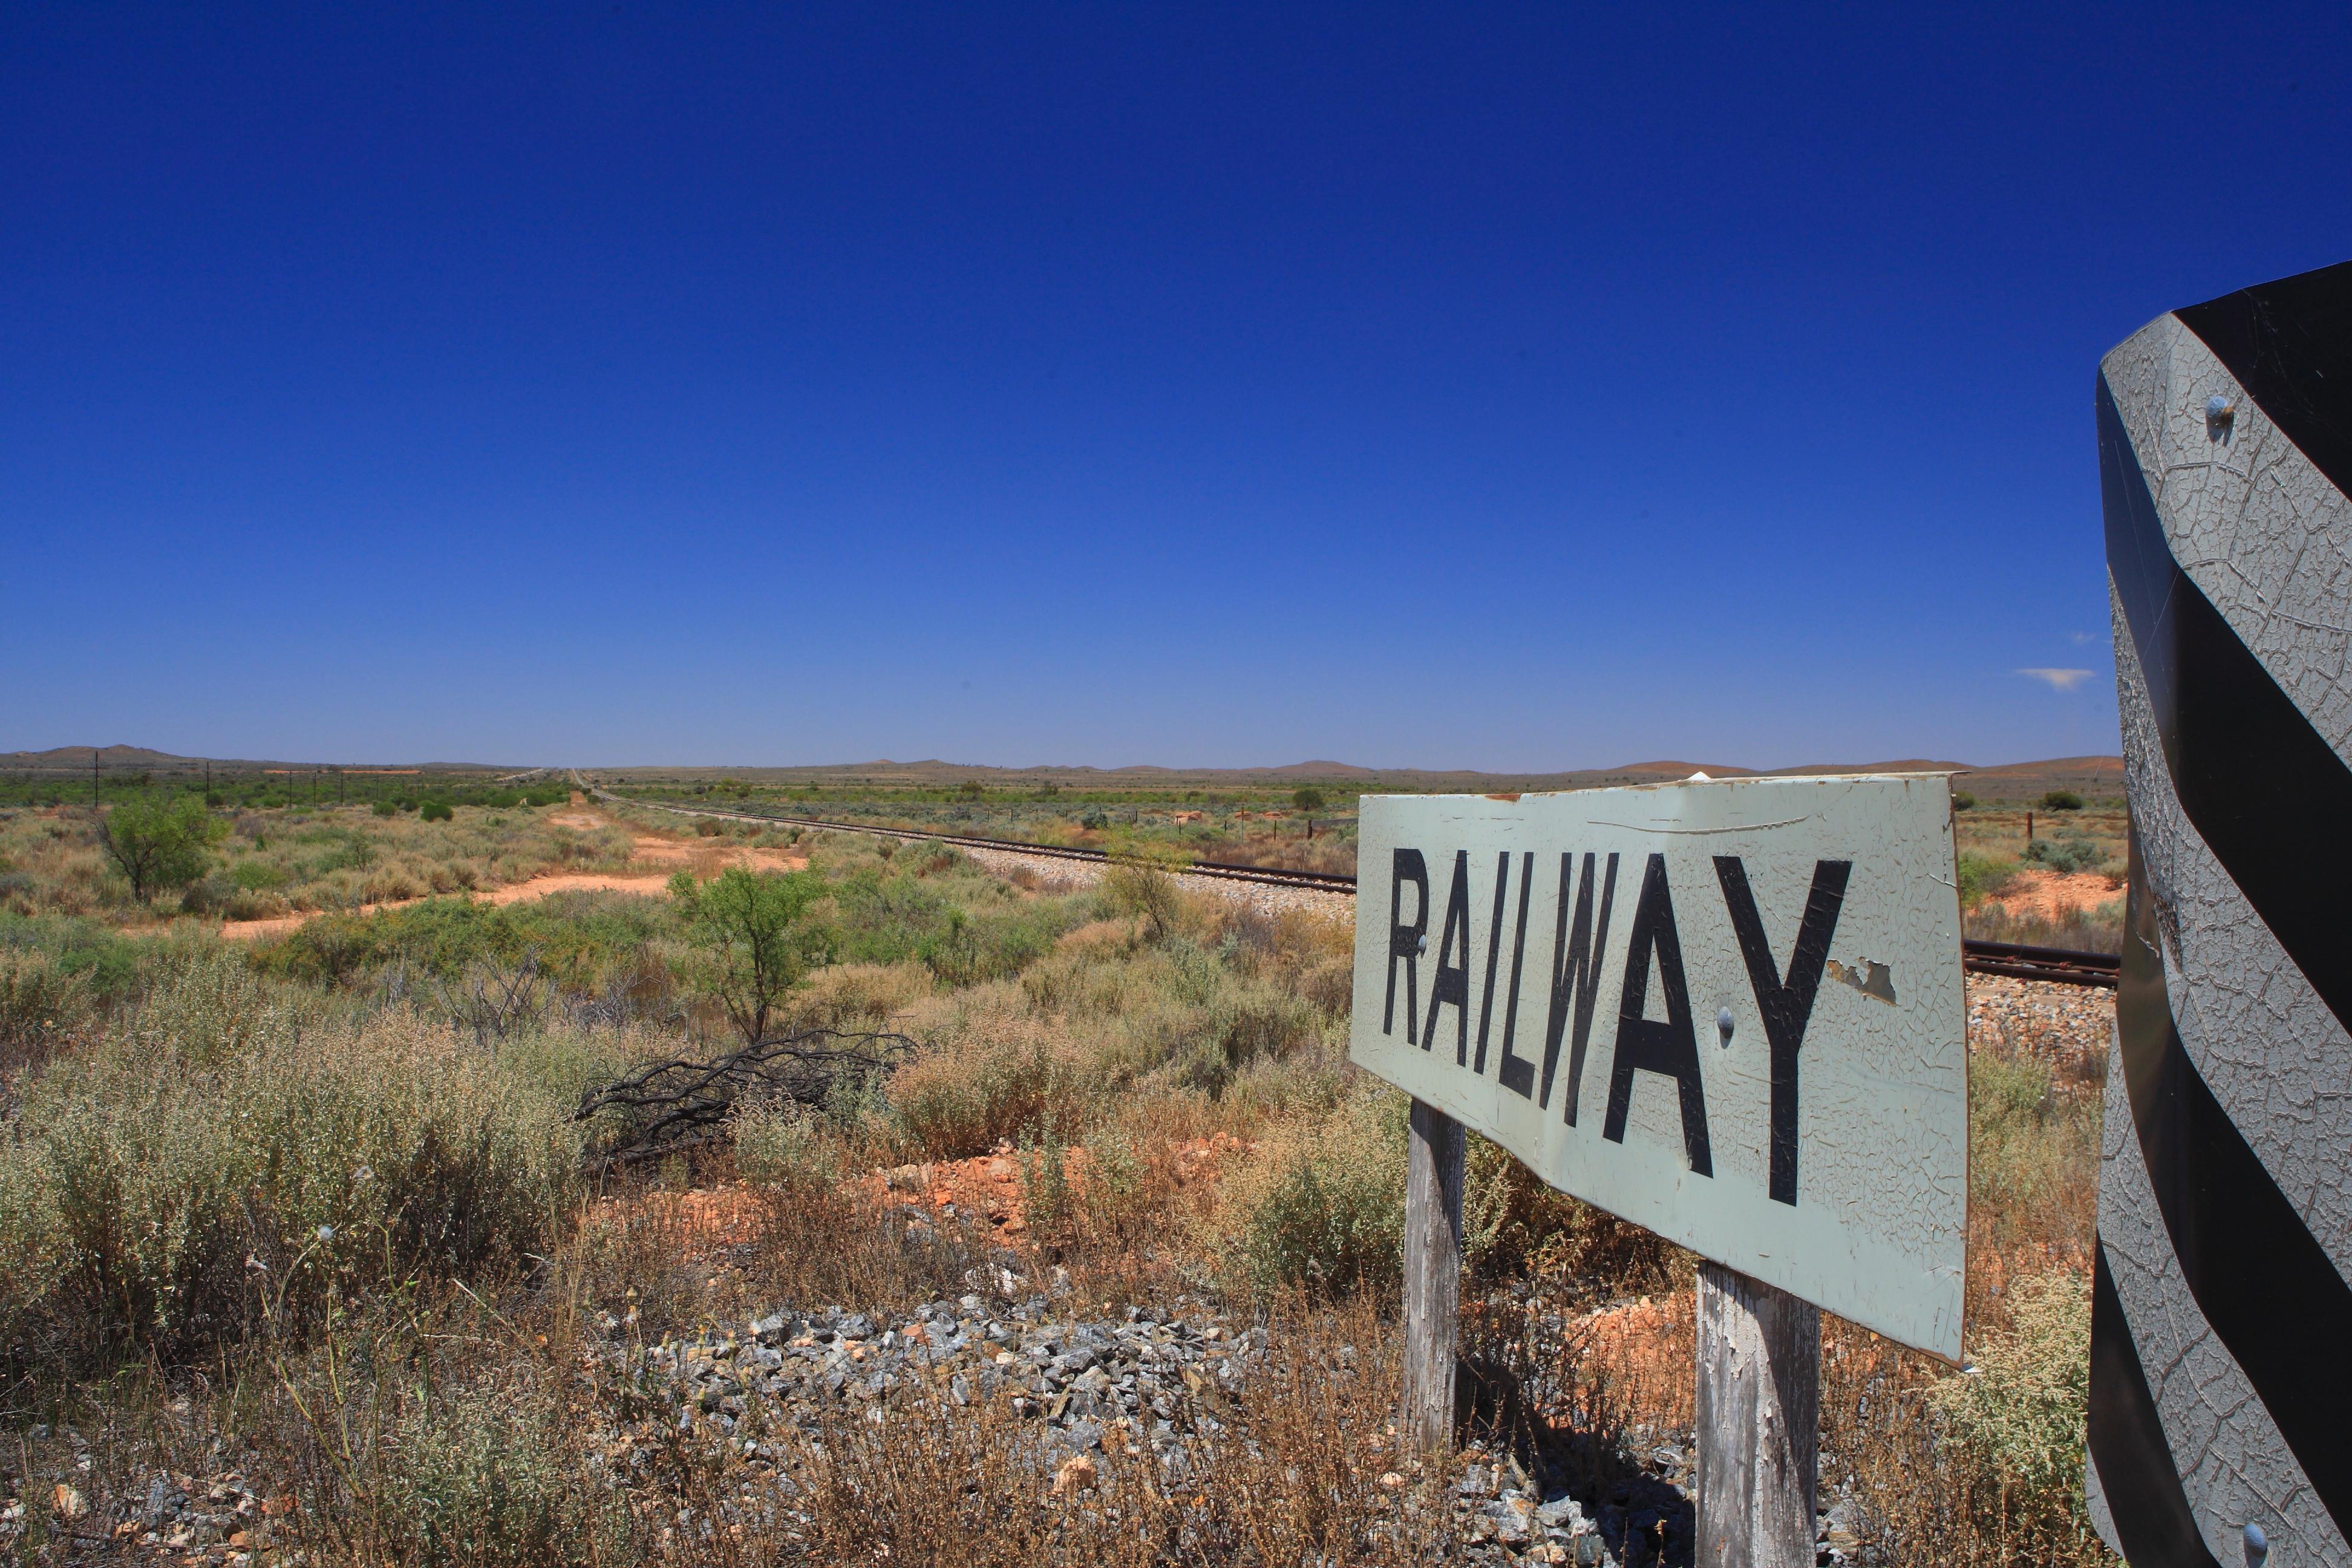 Australia_Outback_66